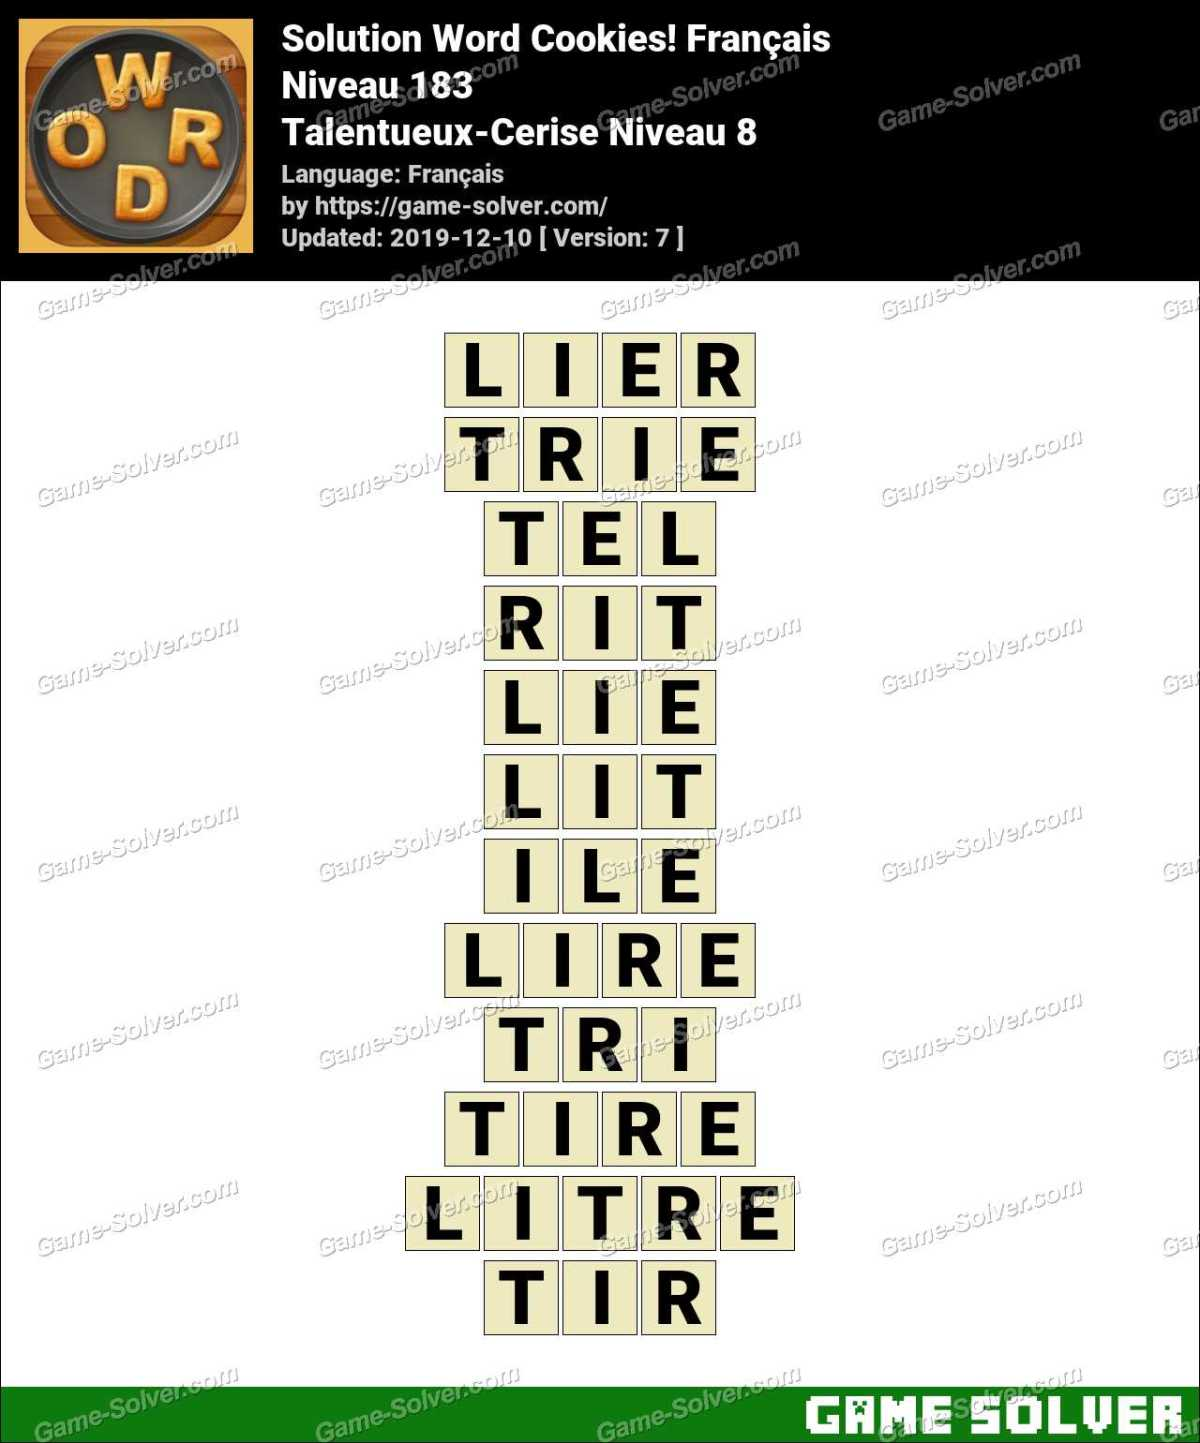 Solution Word Cookies Talentueux-Cerise Niveau 8